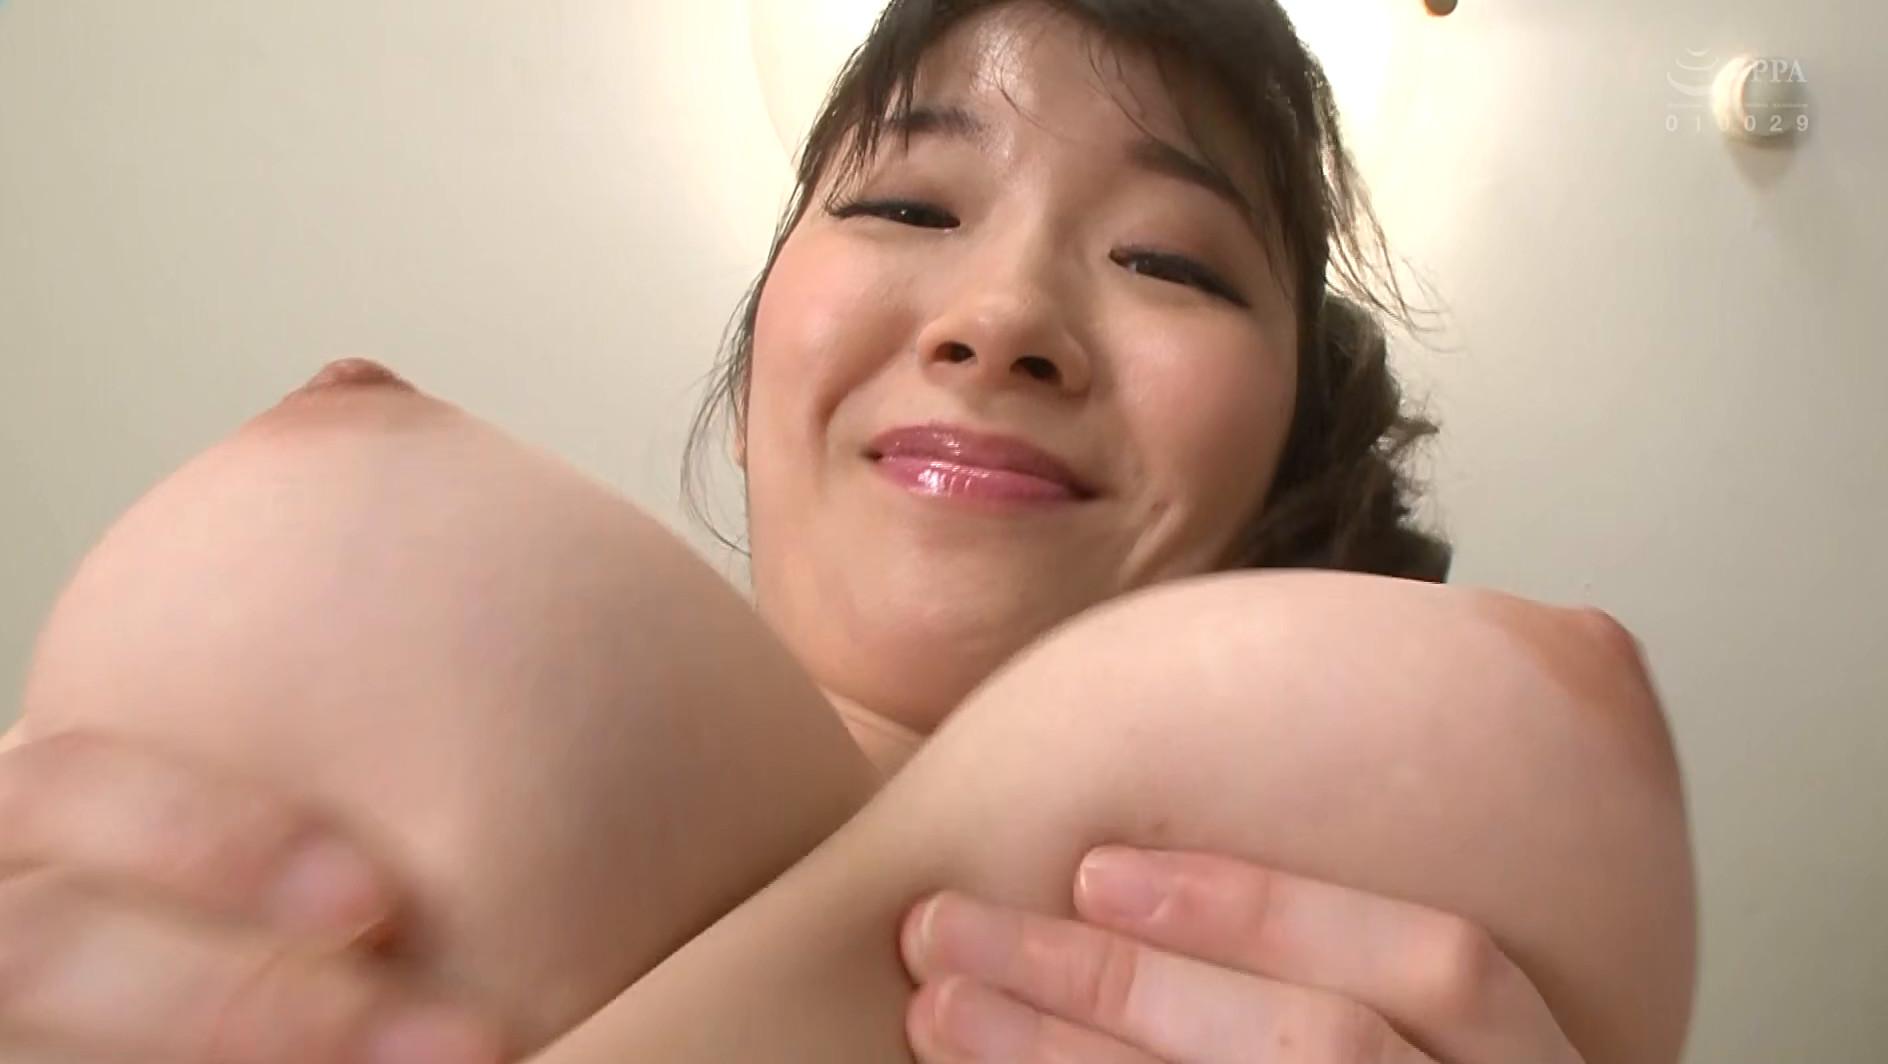 センズリ用 シコシコしながらじっくり見れる女子○生のおま○ことアナル 2 画像18